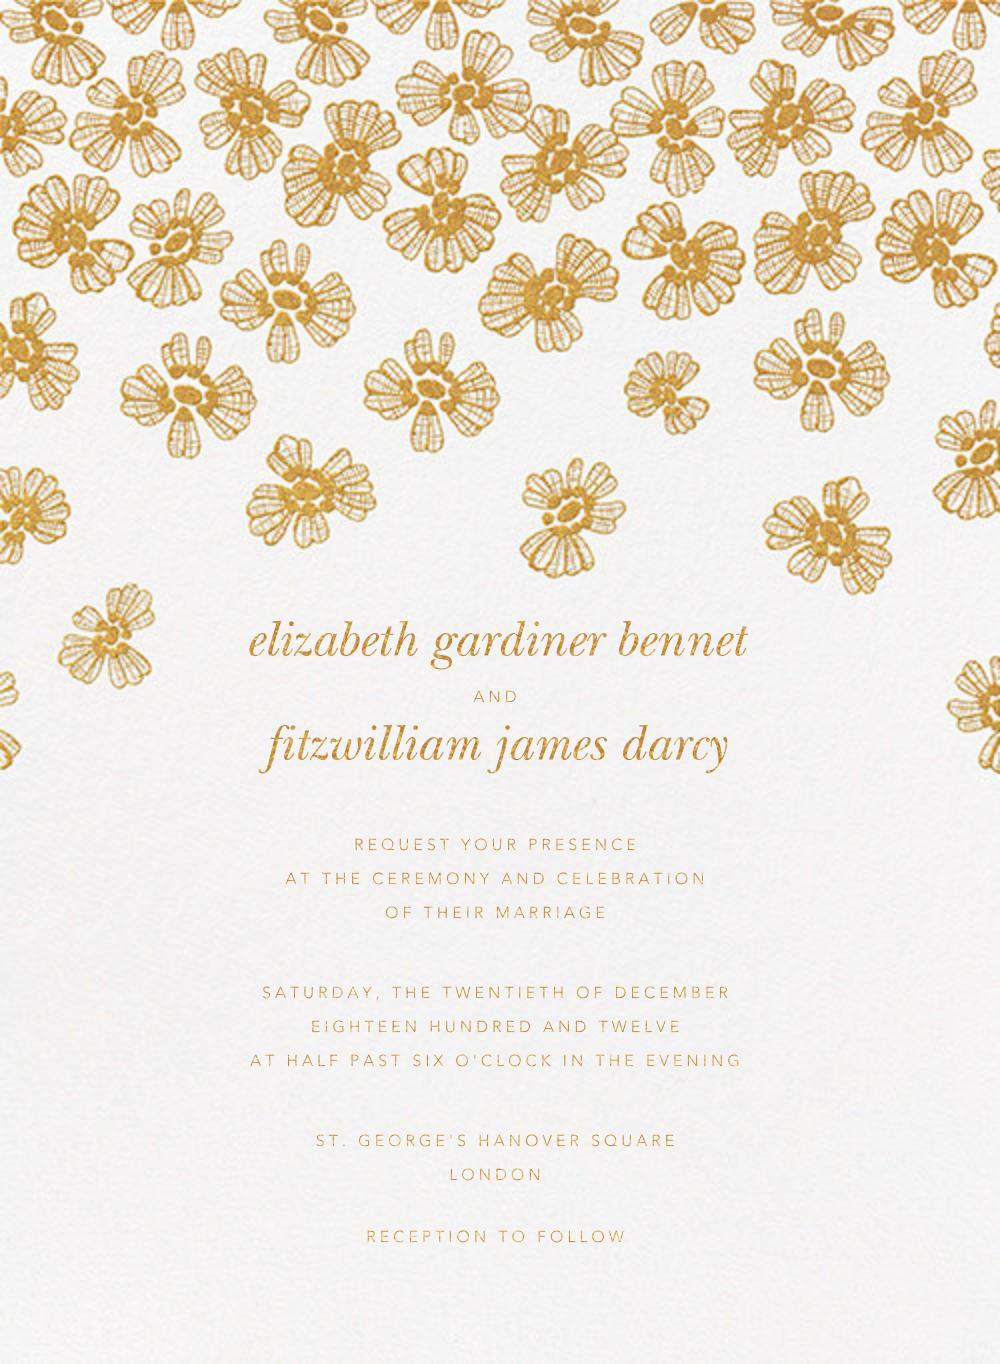 Petals on Lace - Medium Gold - Oscar de la Renta